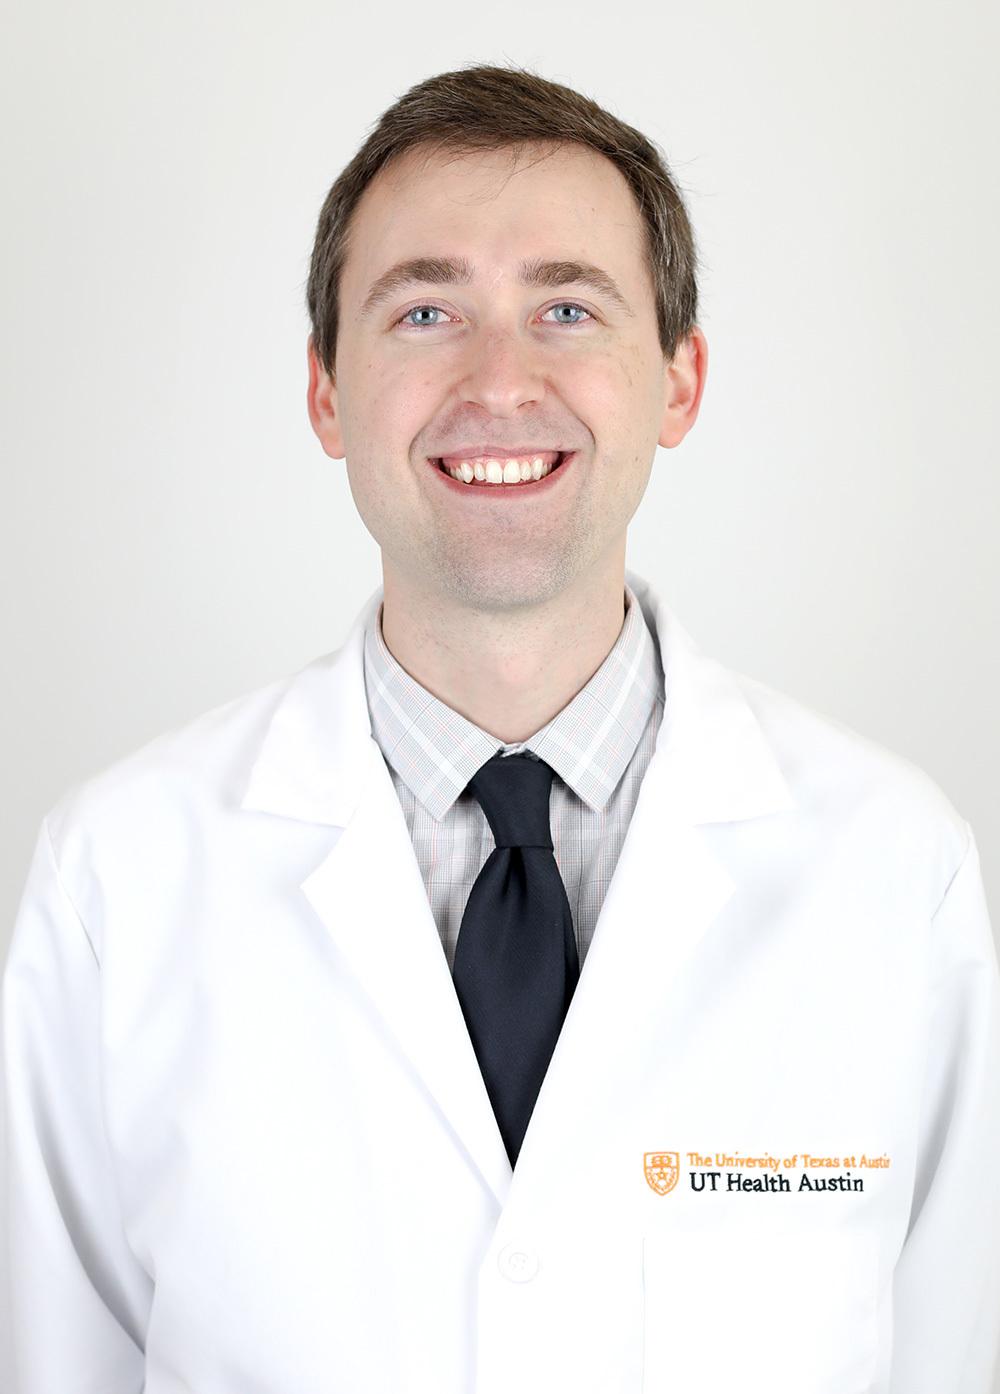 Jeffery Saniuk at UT Health Austin